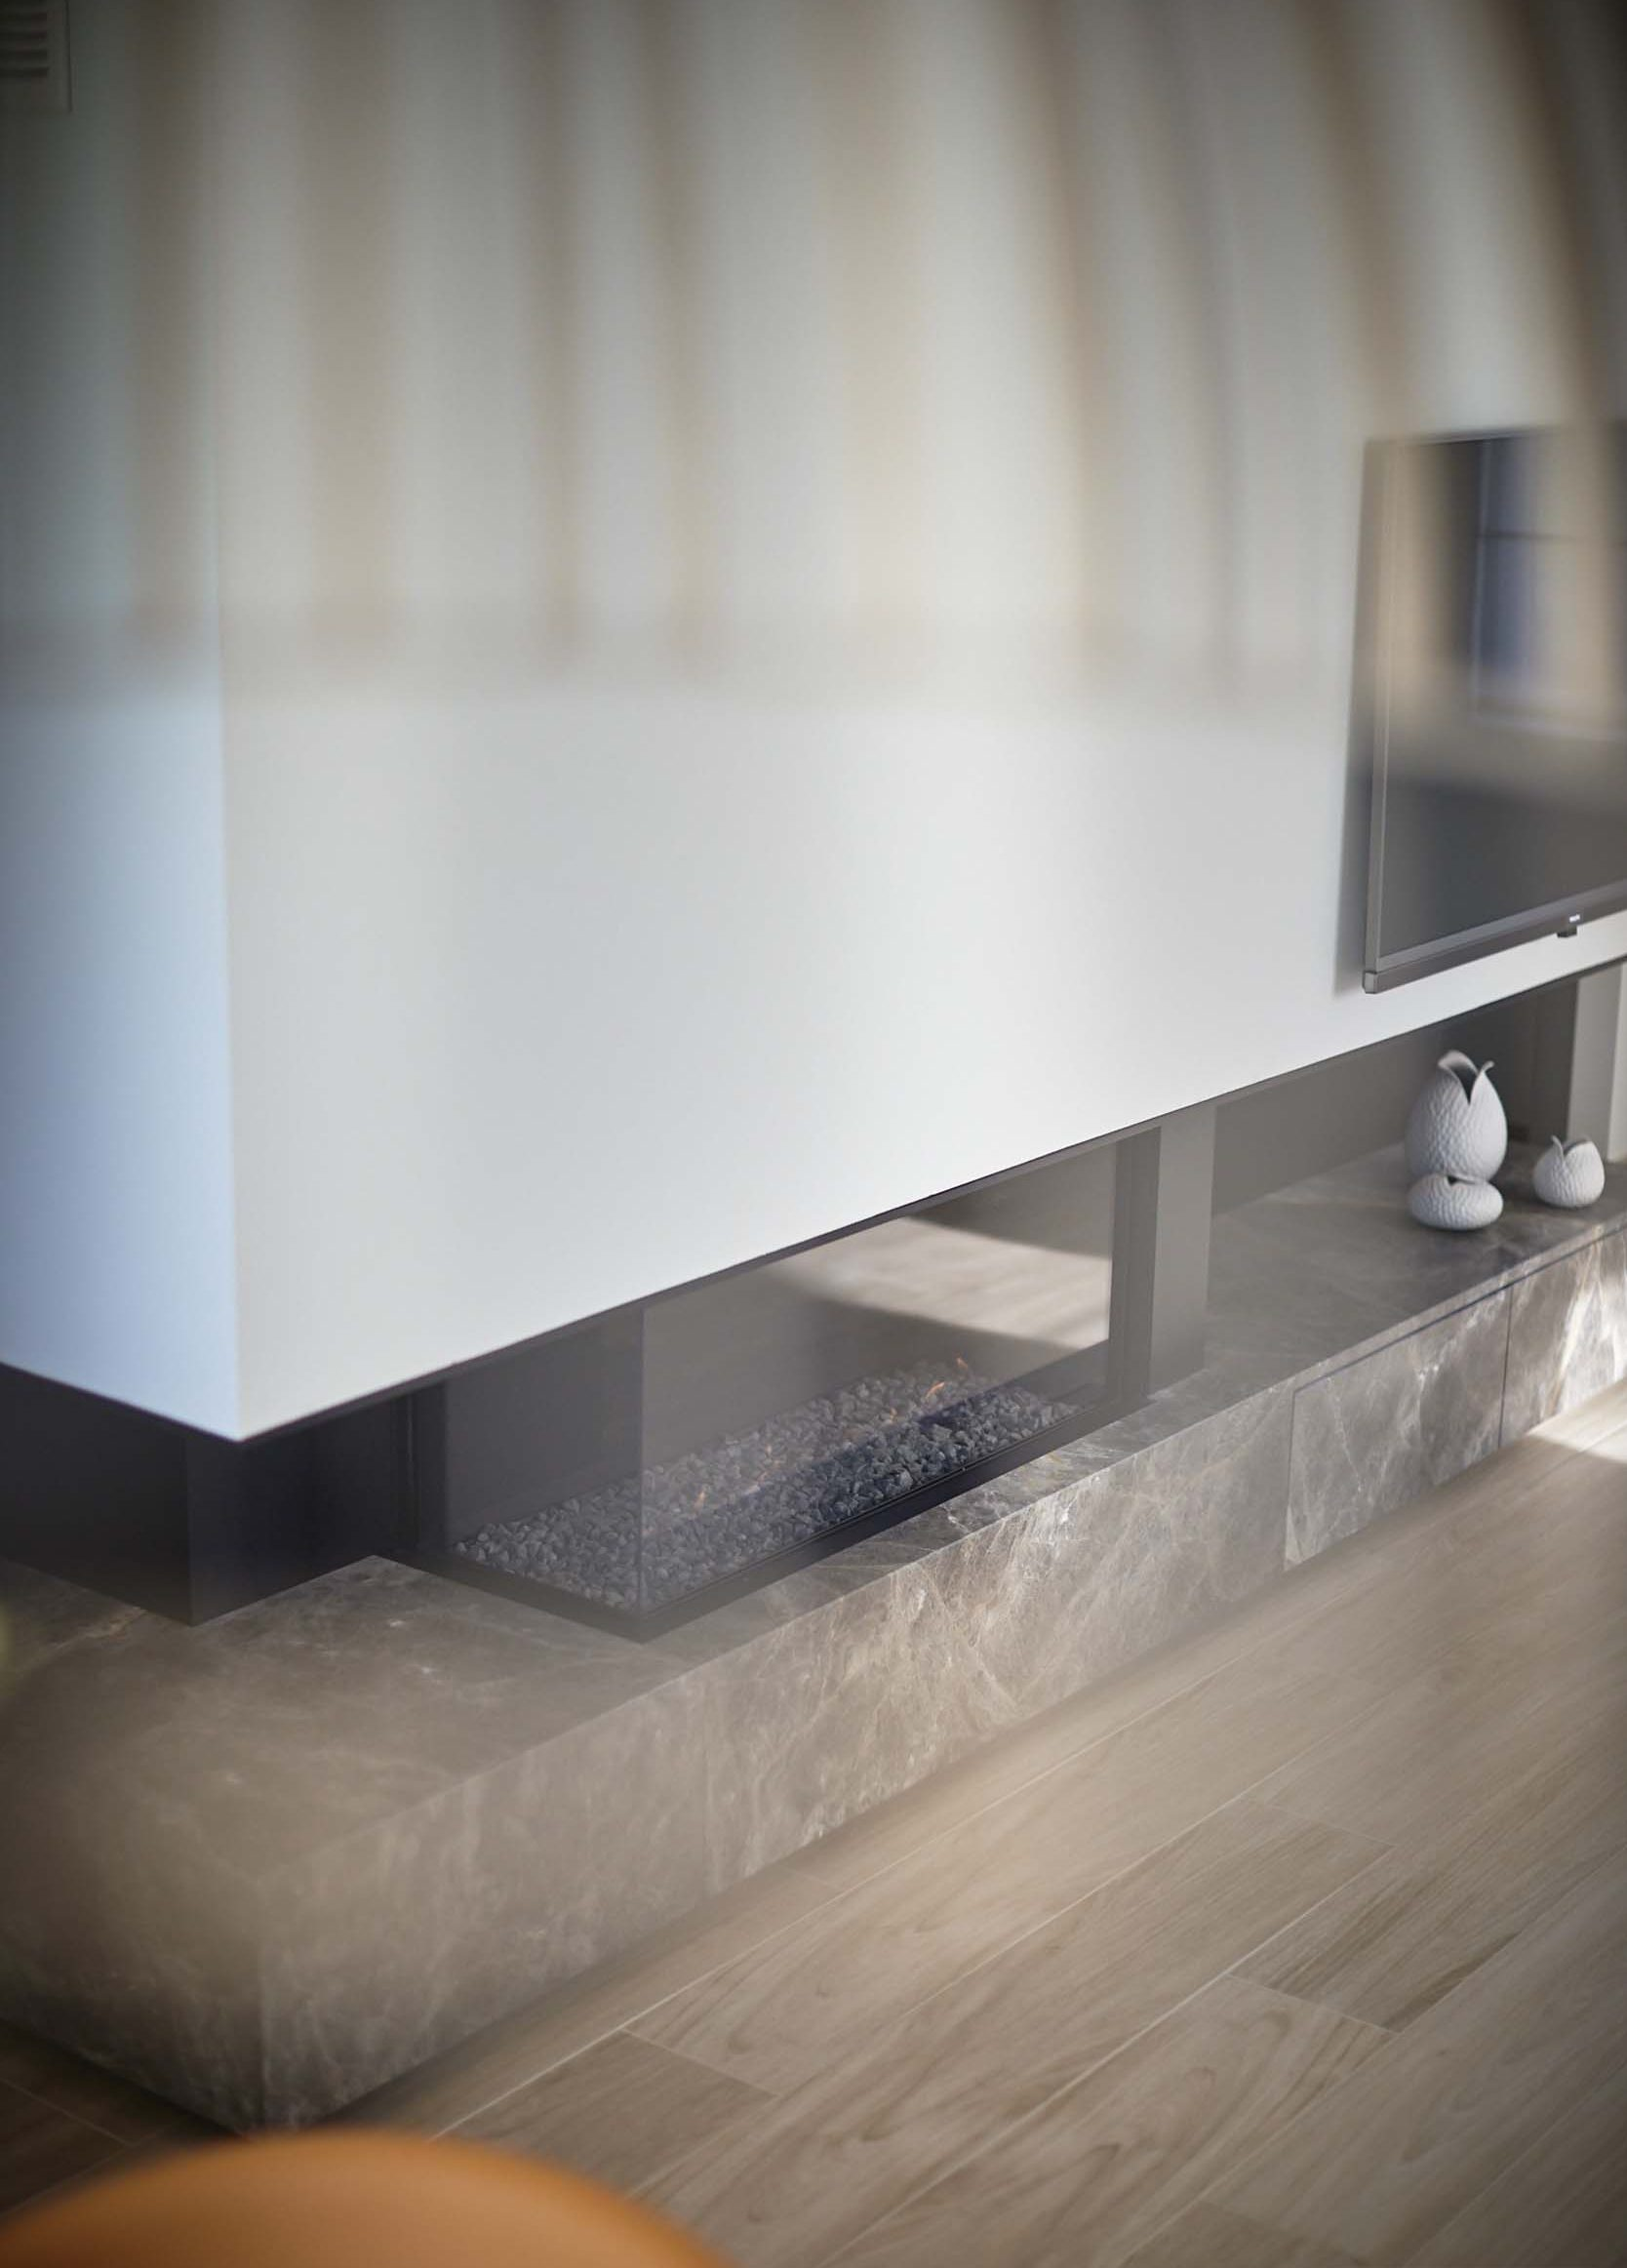 Vanda-projects-interieurinrichting-meubelmakerij-oost-vlaanderen-mortier-haard